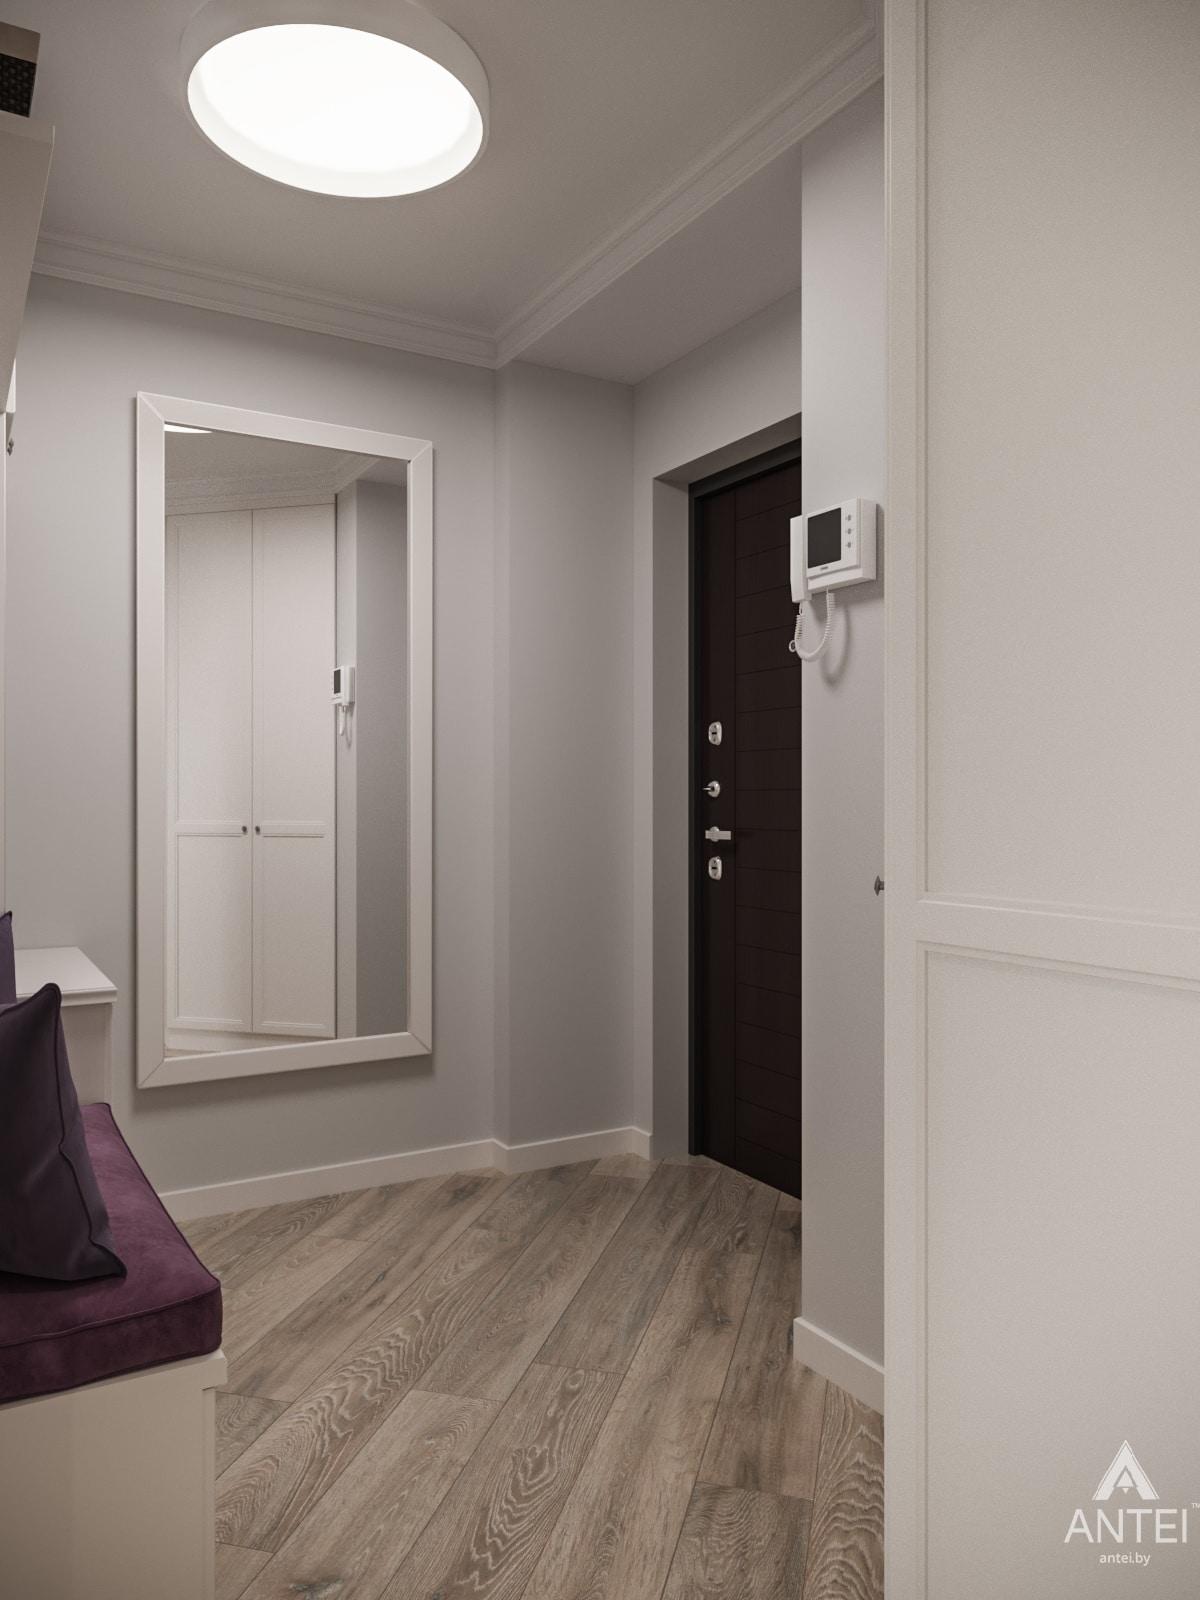 Дизайн интерьера трехкомнатной квартиры в Гомеле, ул. Бородина Т.С. - прихожая фото №4